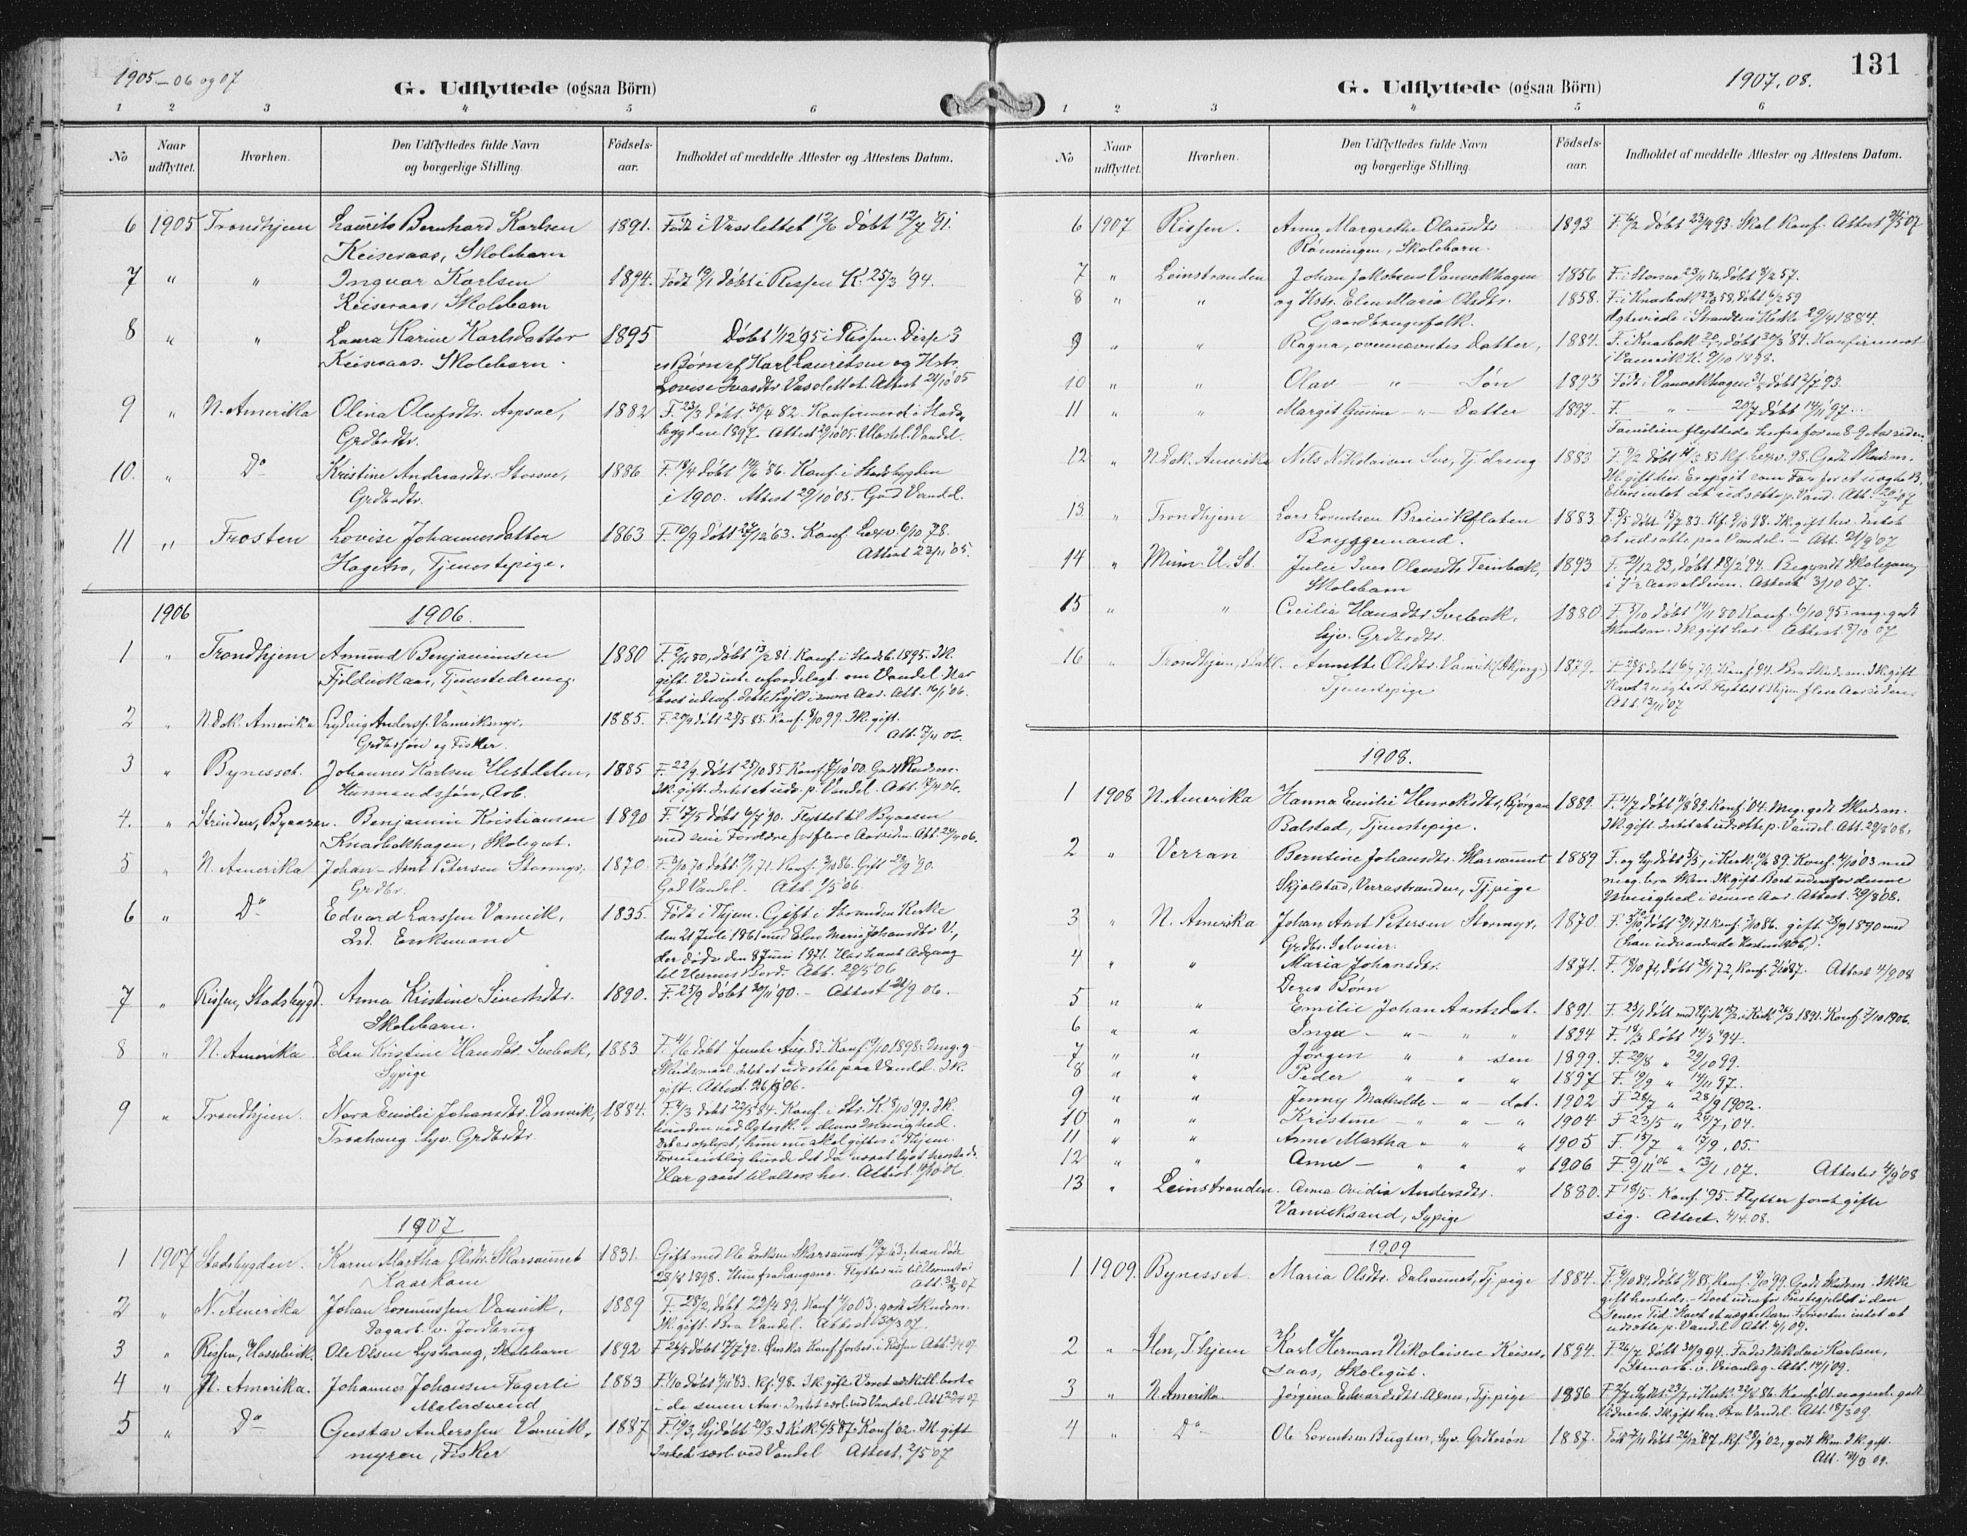 SAT, Ministerialprotokoller, klokkerbøker og fødselsregistre - Nord-Trøndelag, 702/L0024: Ministerialbok nr. 702A02, 1898-1914, s. 131